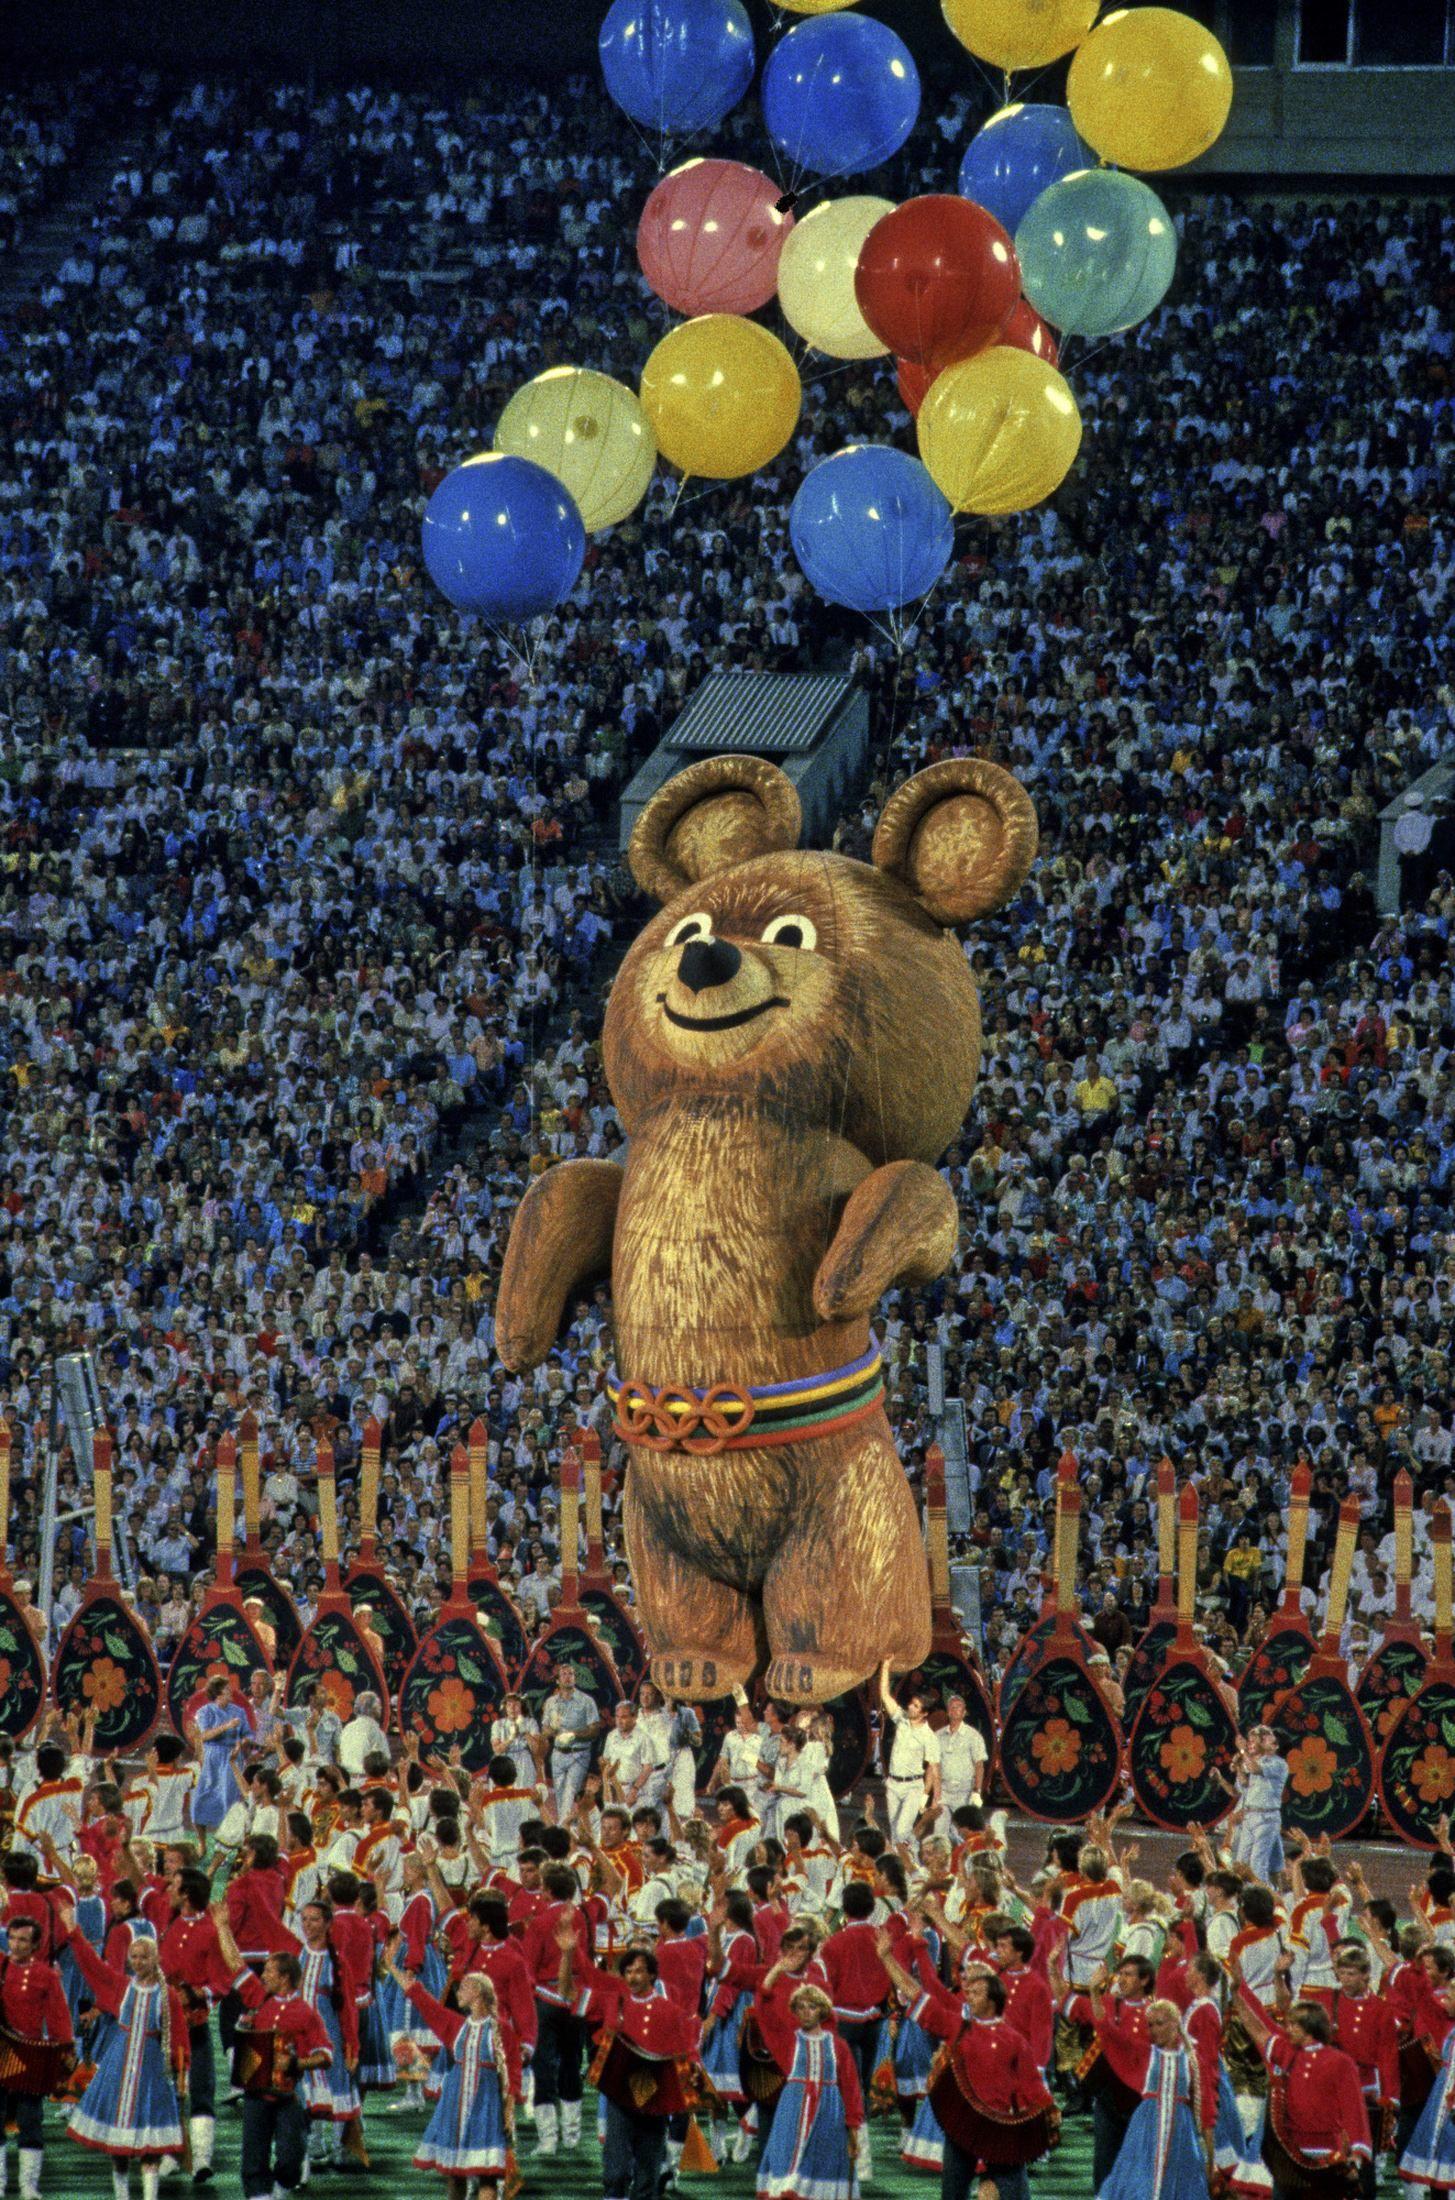 предания картинка олимпийского мишку применимо отношении внешности